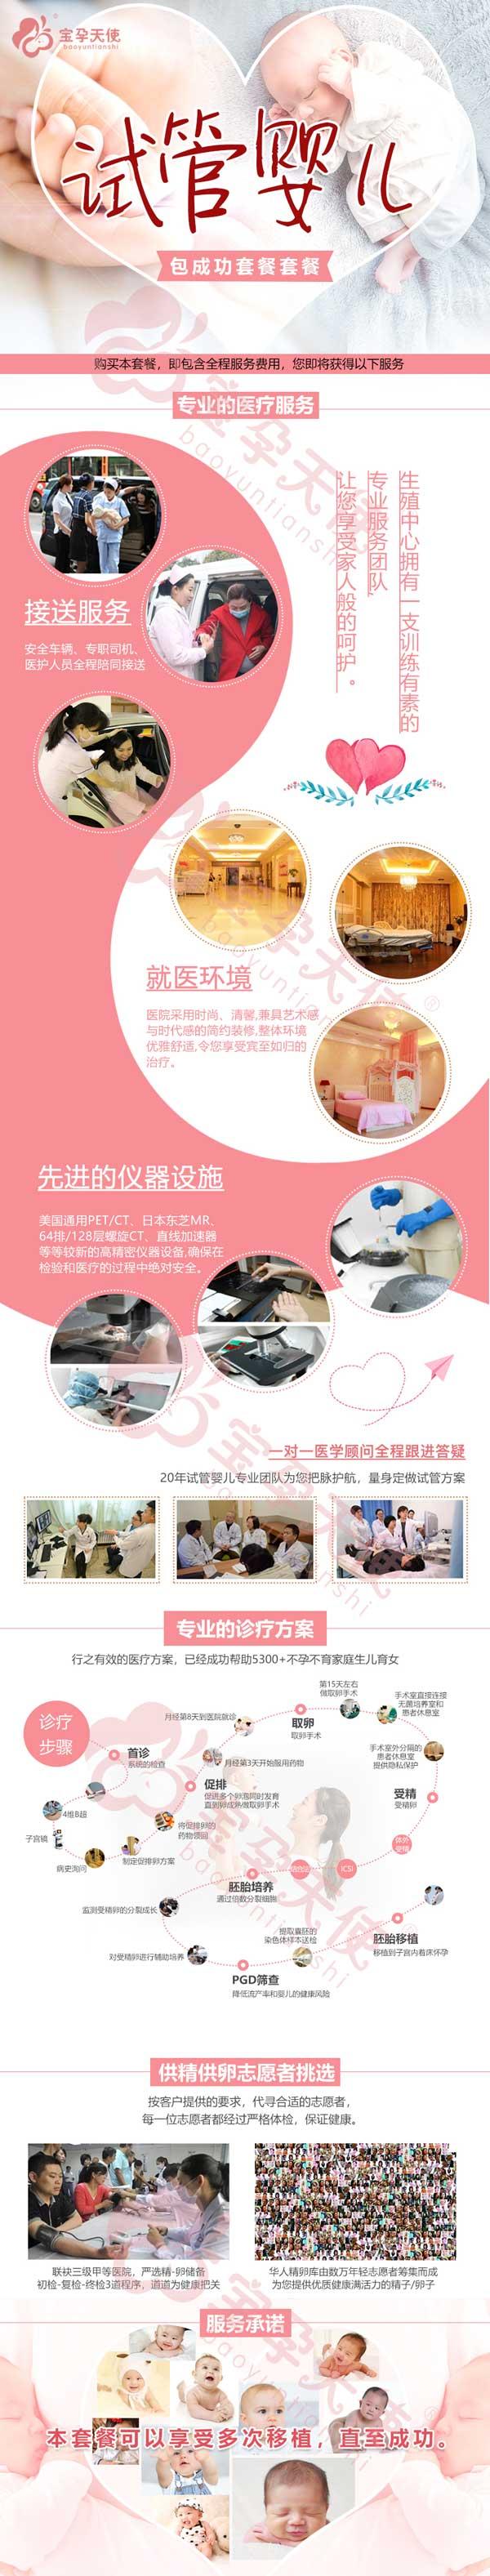 供卵试管包成功_泰国医疗保健服务选性别